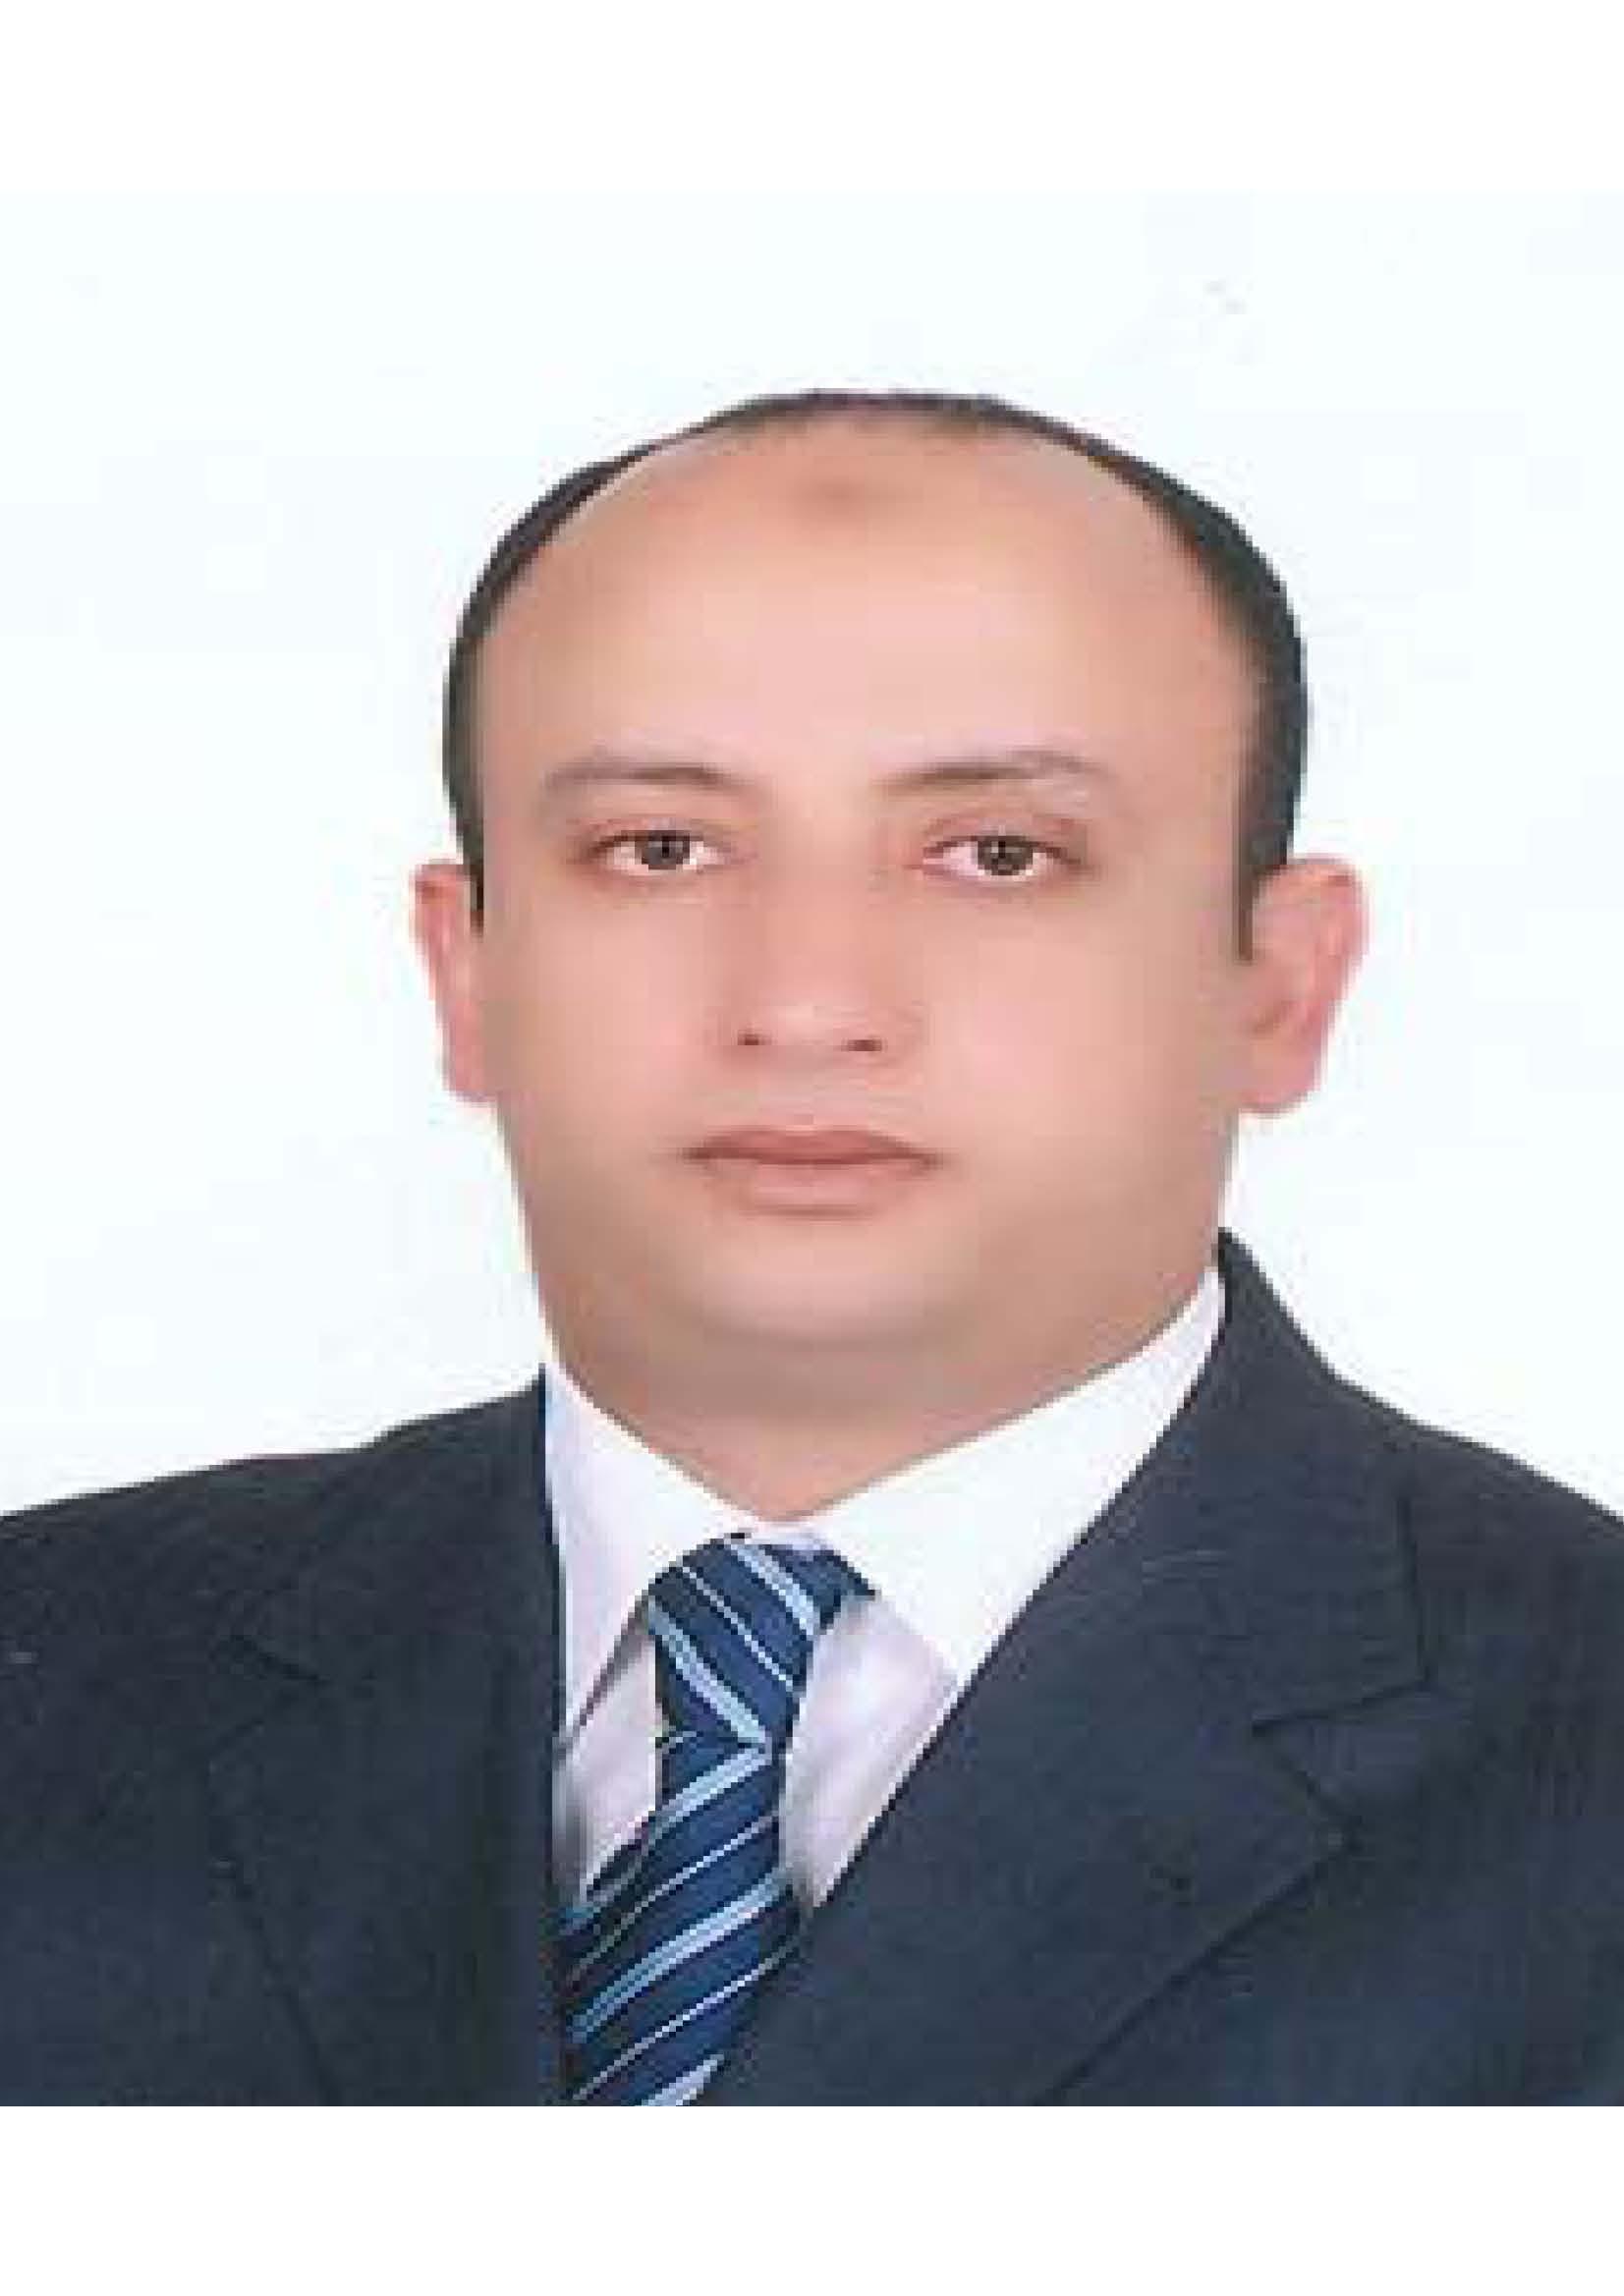 Ahmed Mostafa Abdel Bakey Megahed